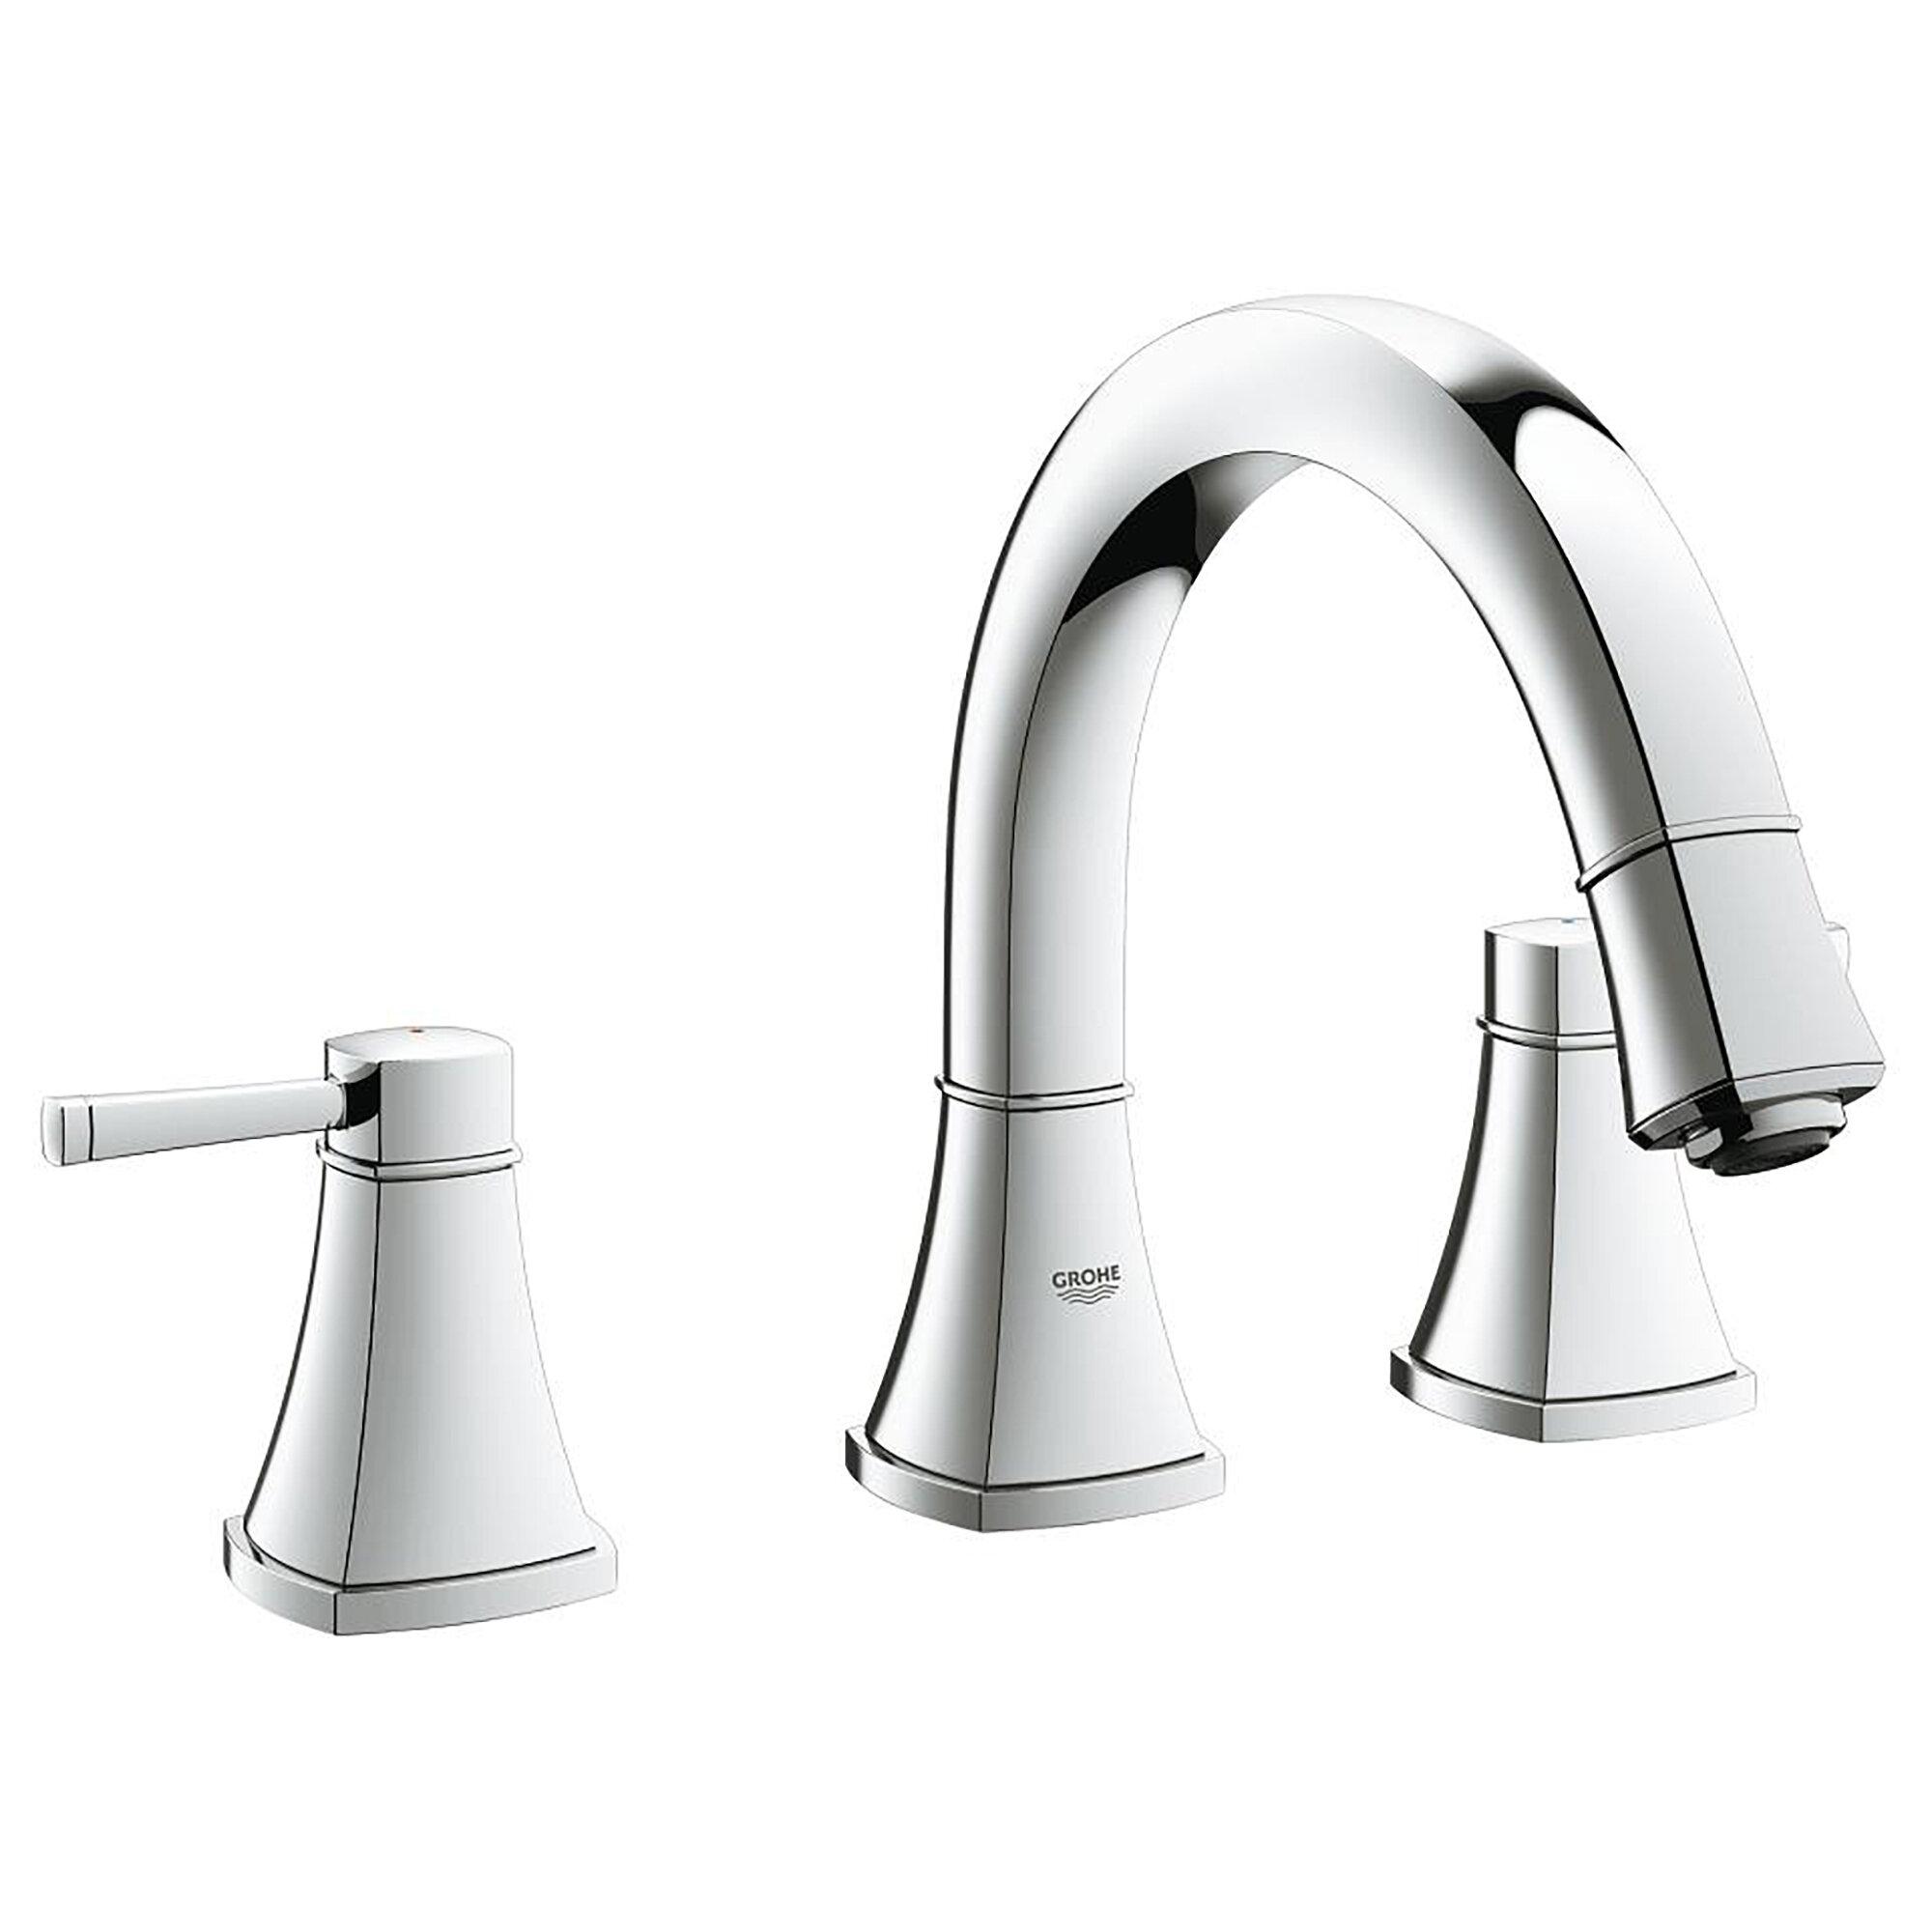 Grohe Geneva Widespread Bathroom Faucet